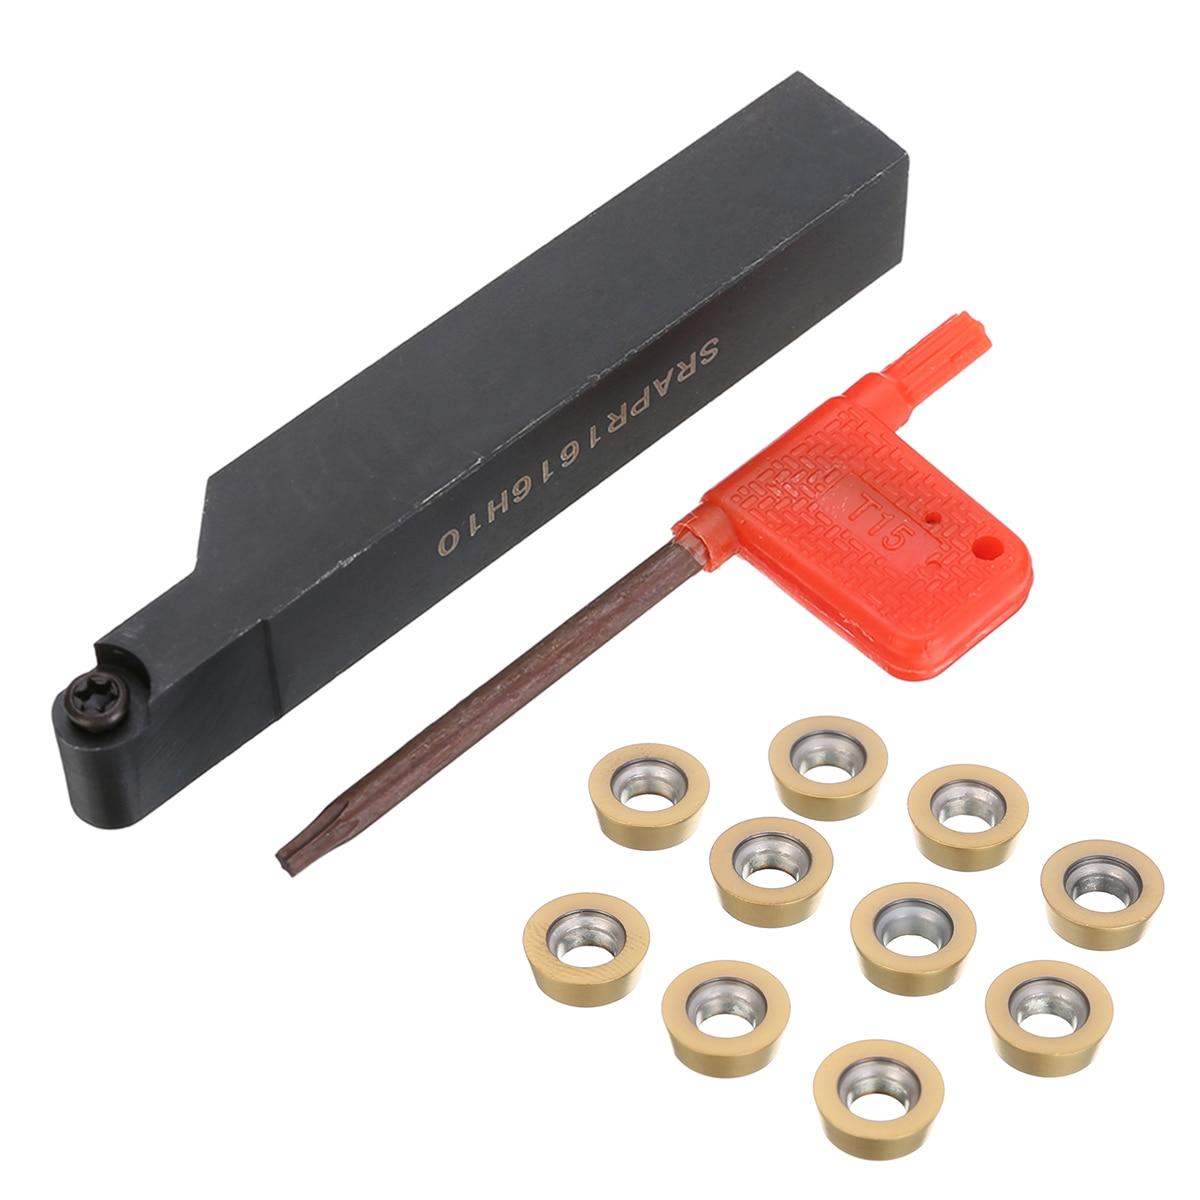 Image 2 - 1pc Practical SRAPR1616H10 Turning Tool Boring Bar Holder Face Milling External Lathe Blade Holder + 10pcs RPMT10T3MO Insertsboring bar holderlathe bladeboring bar -